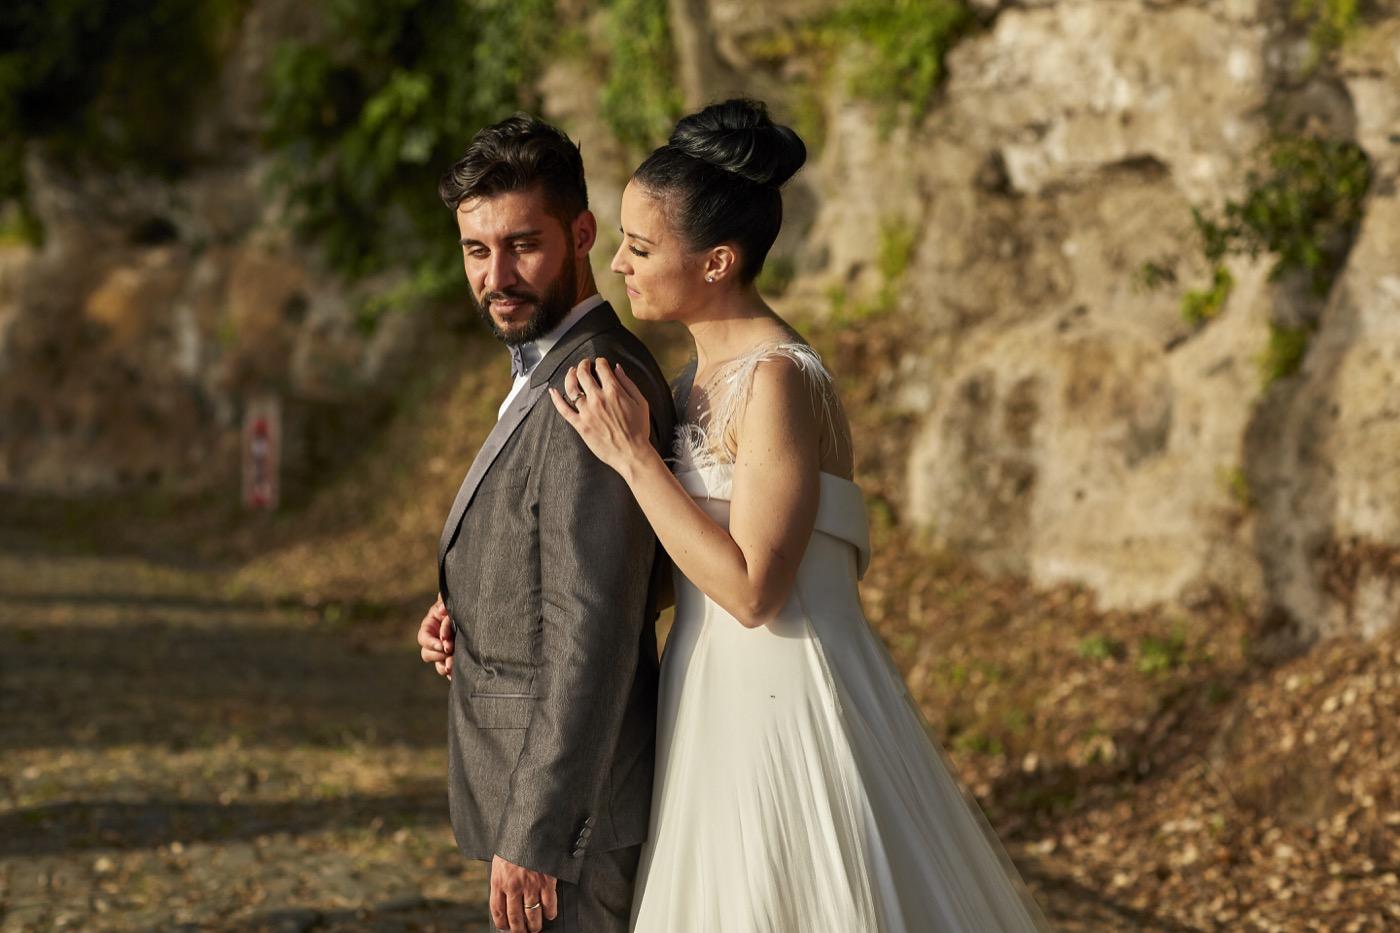 Claudio-Coppola-wedding-photographer-villa-del-cardinale-rocca-di-papa-castel-gandolfo-82